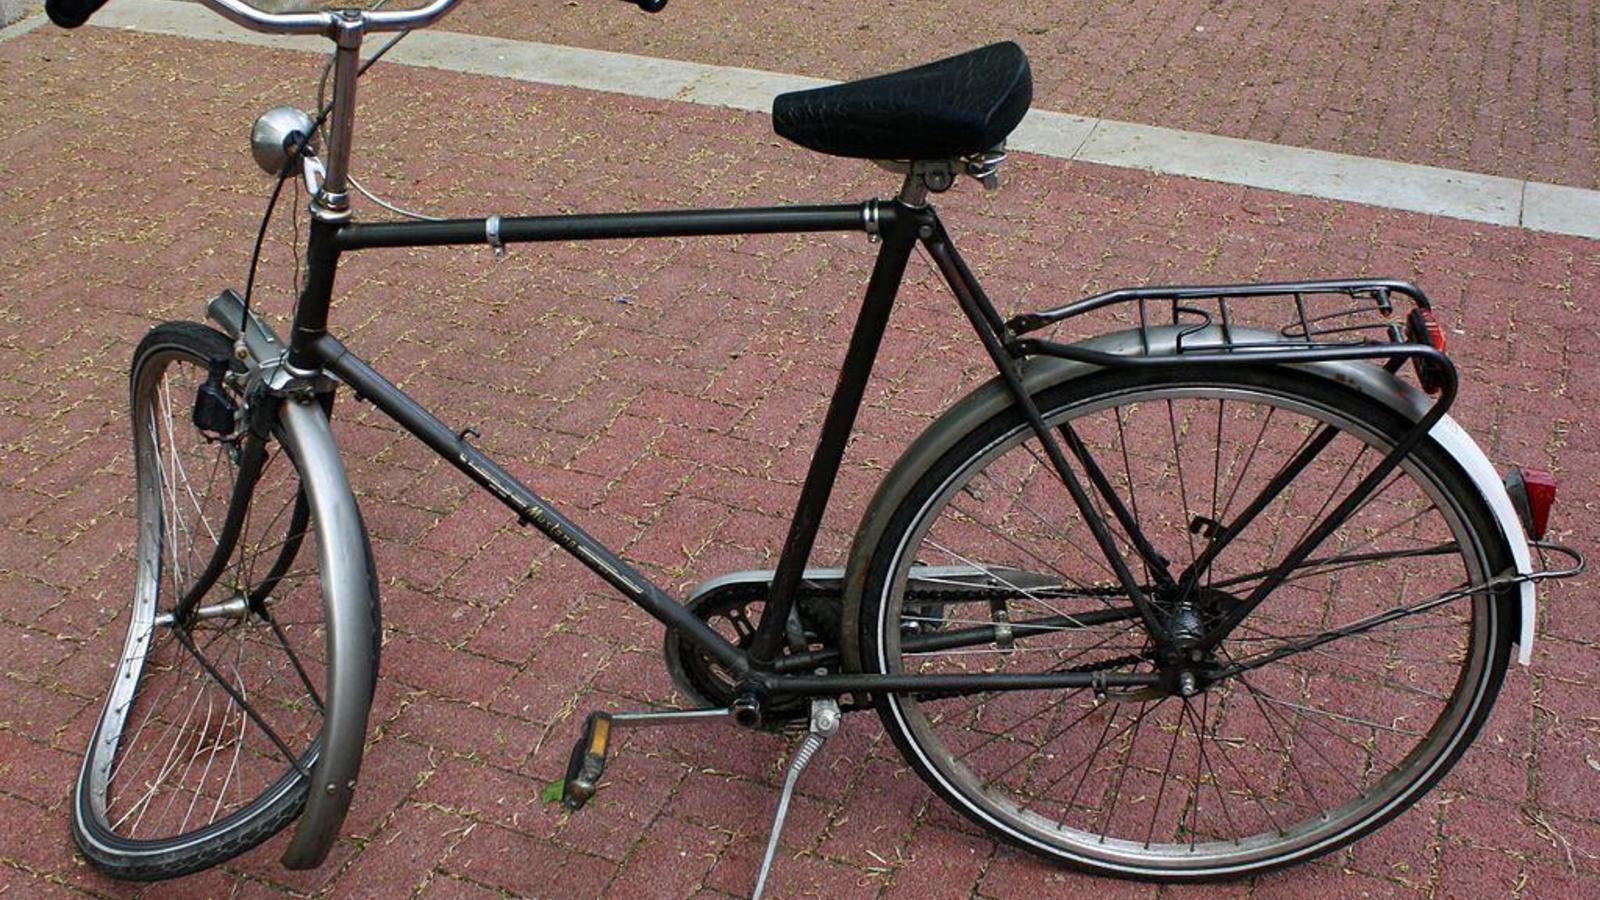 Atropello a un ciclista - cómo reclamar la indemnización a la aseguradora